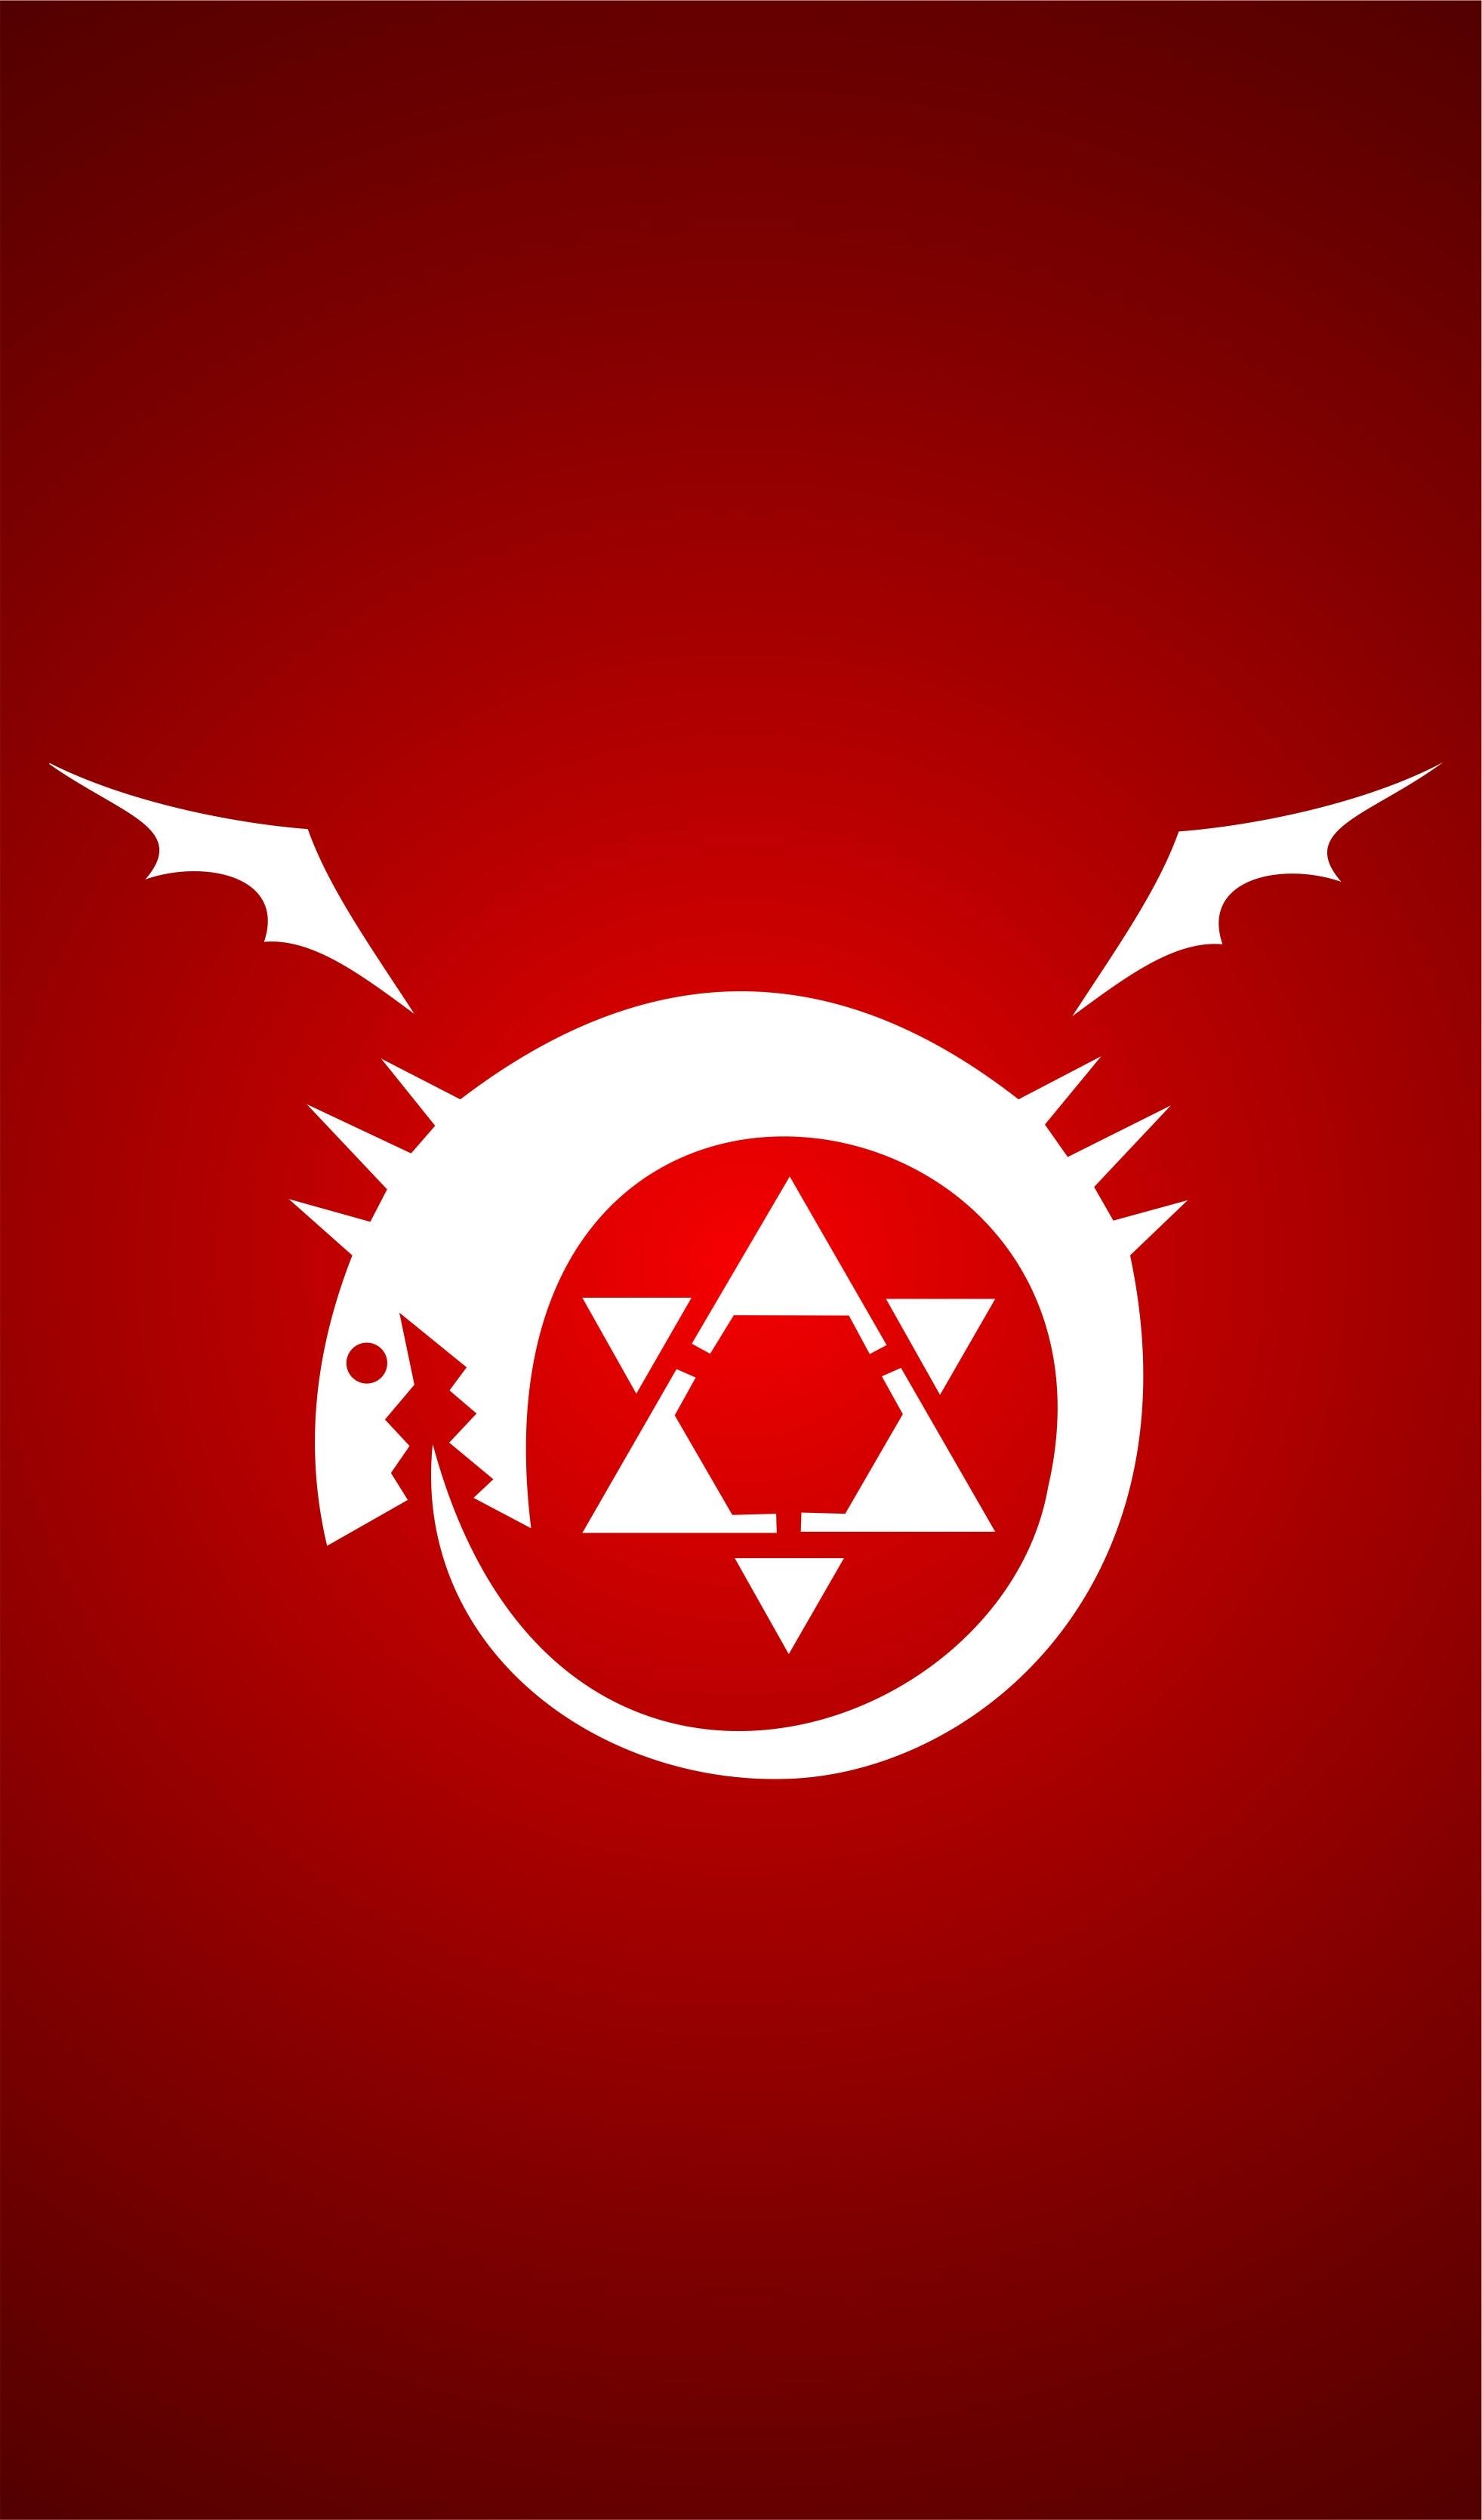 fullmetal alchemist brotherhood - homúnculo -wallpapers iphone